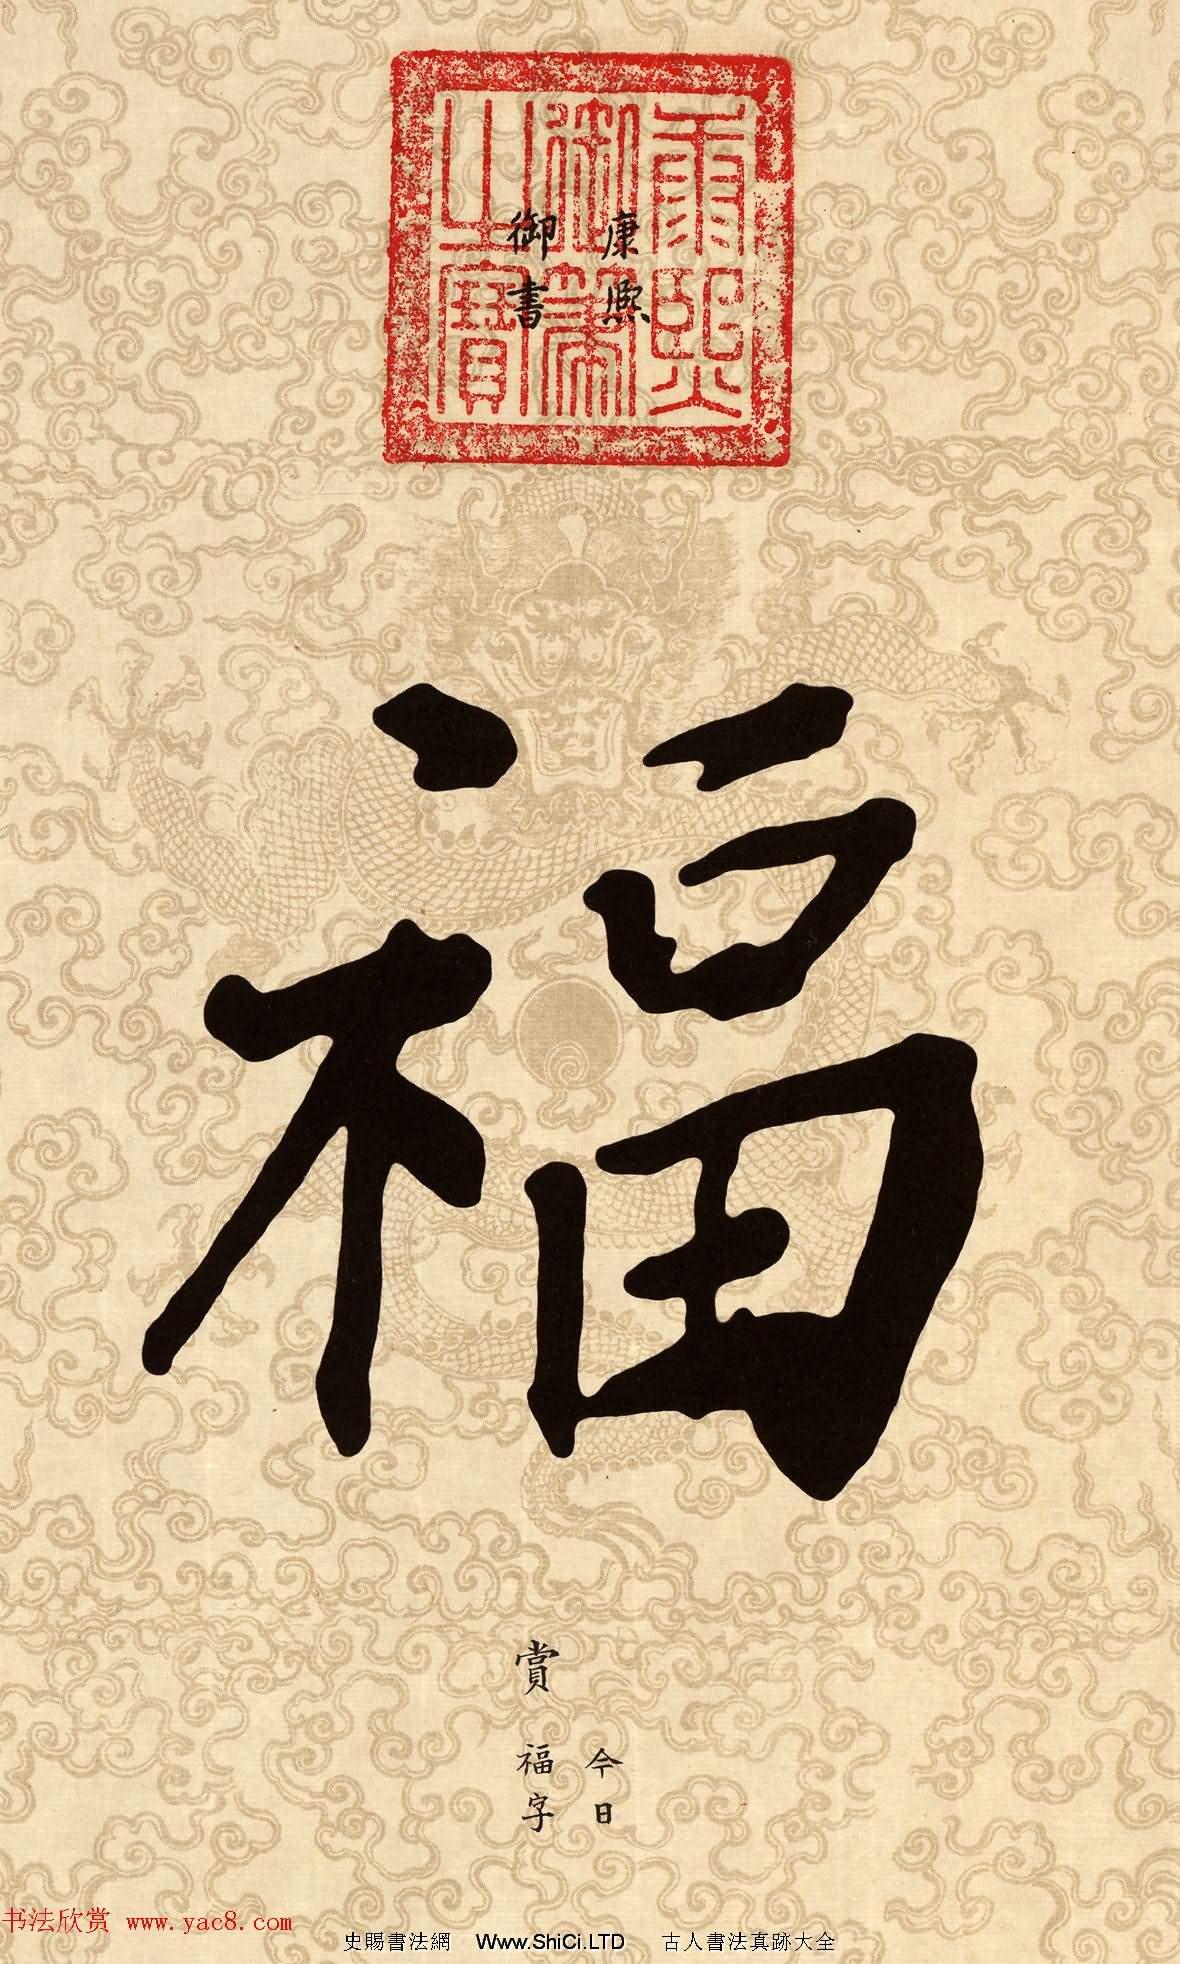 新年五福臨門_皇帝賜福高清晰大圖